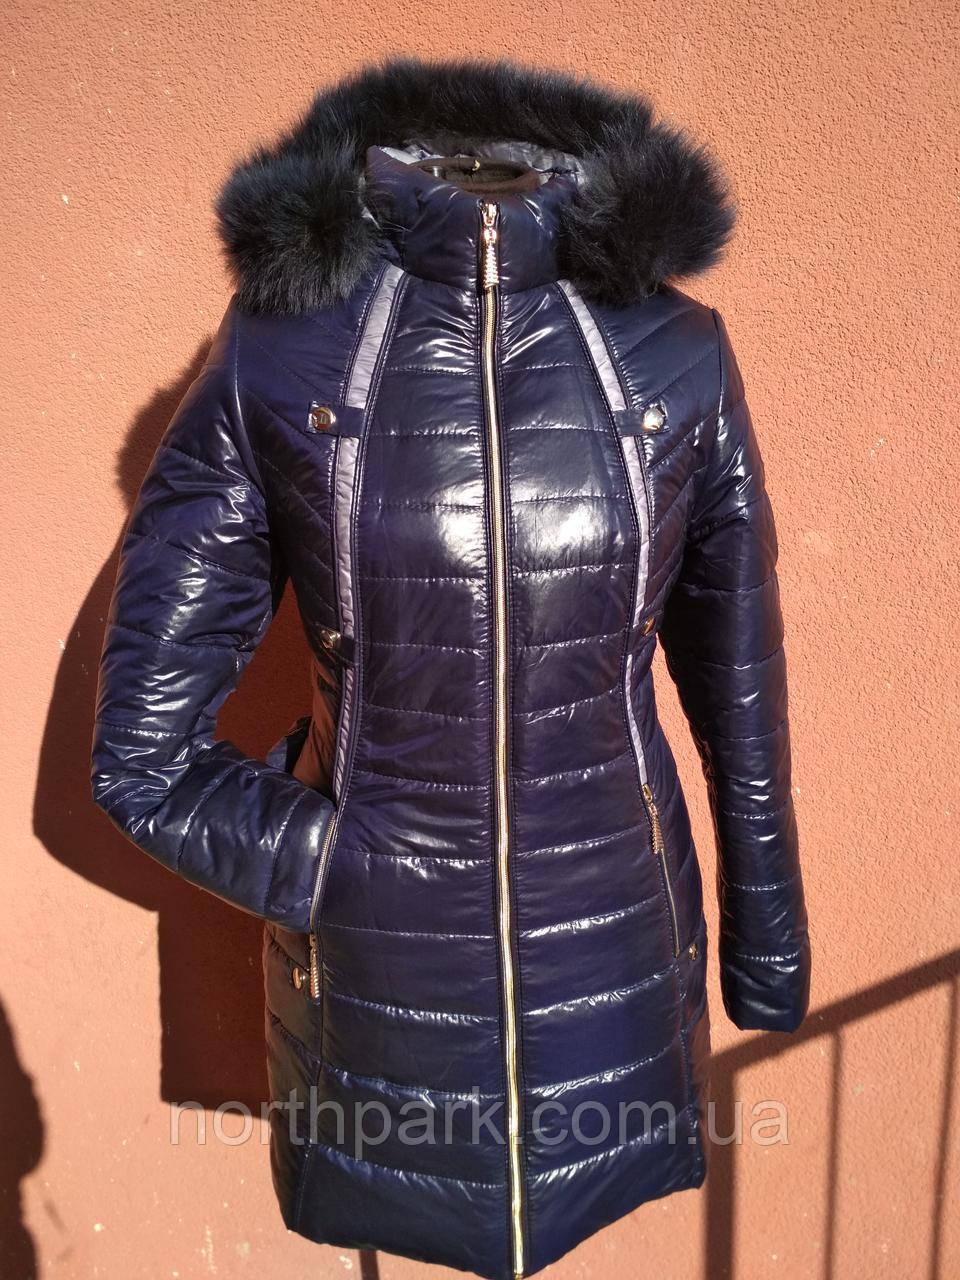 Зимняя длинная куртка с натуральным мехом, темно-синяя